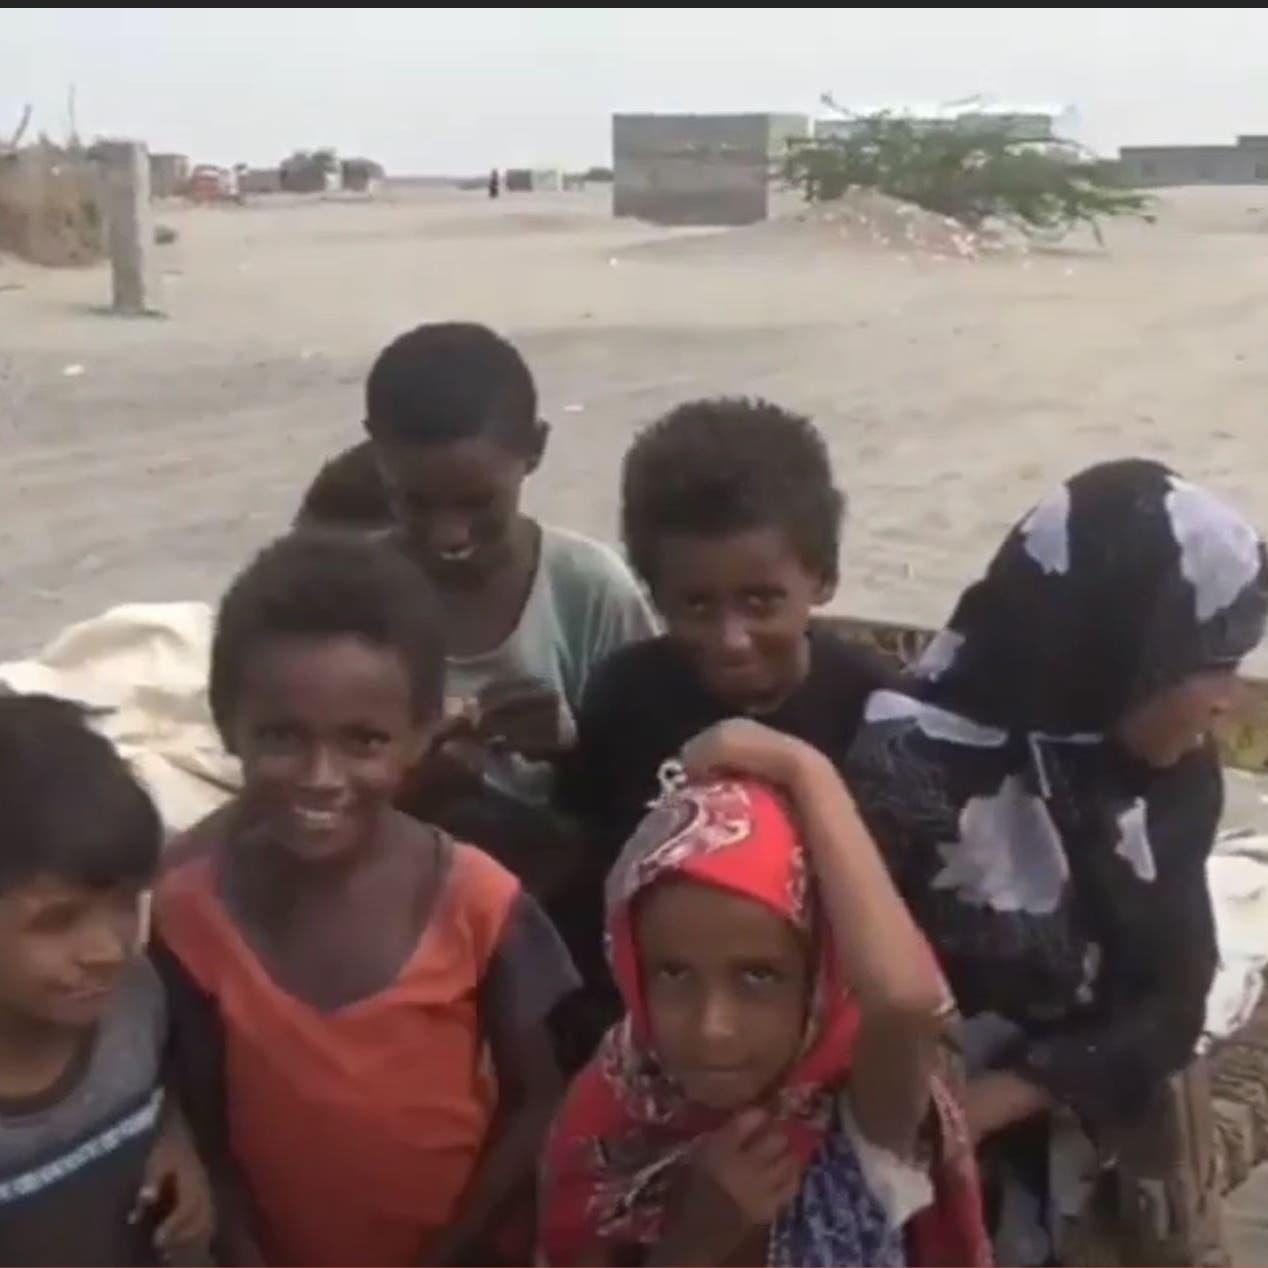 شاهد.. موجة نزوح جديدة لأسر جراء قصف حوثي غرب اليمن